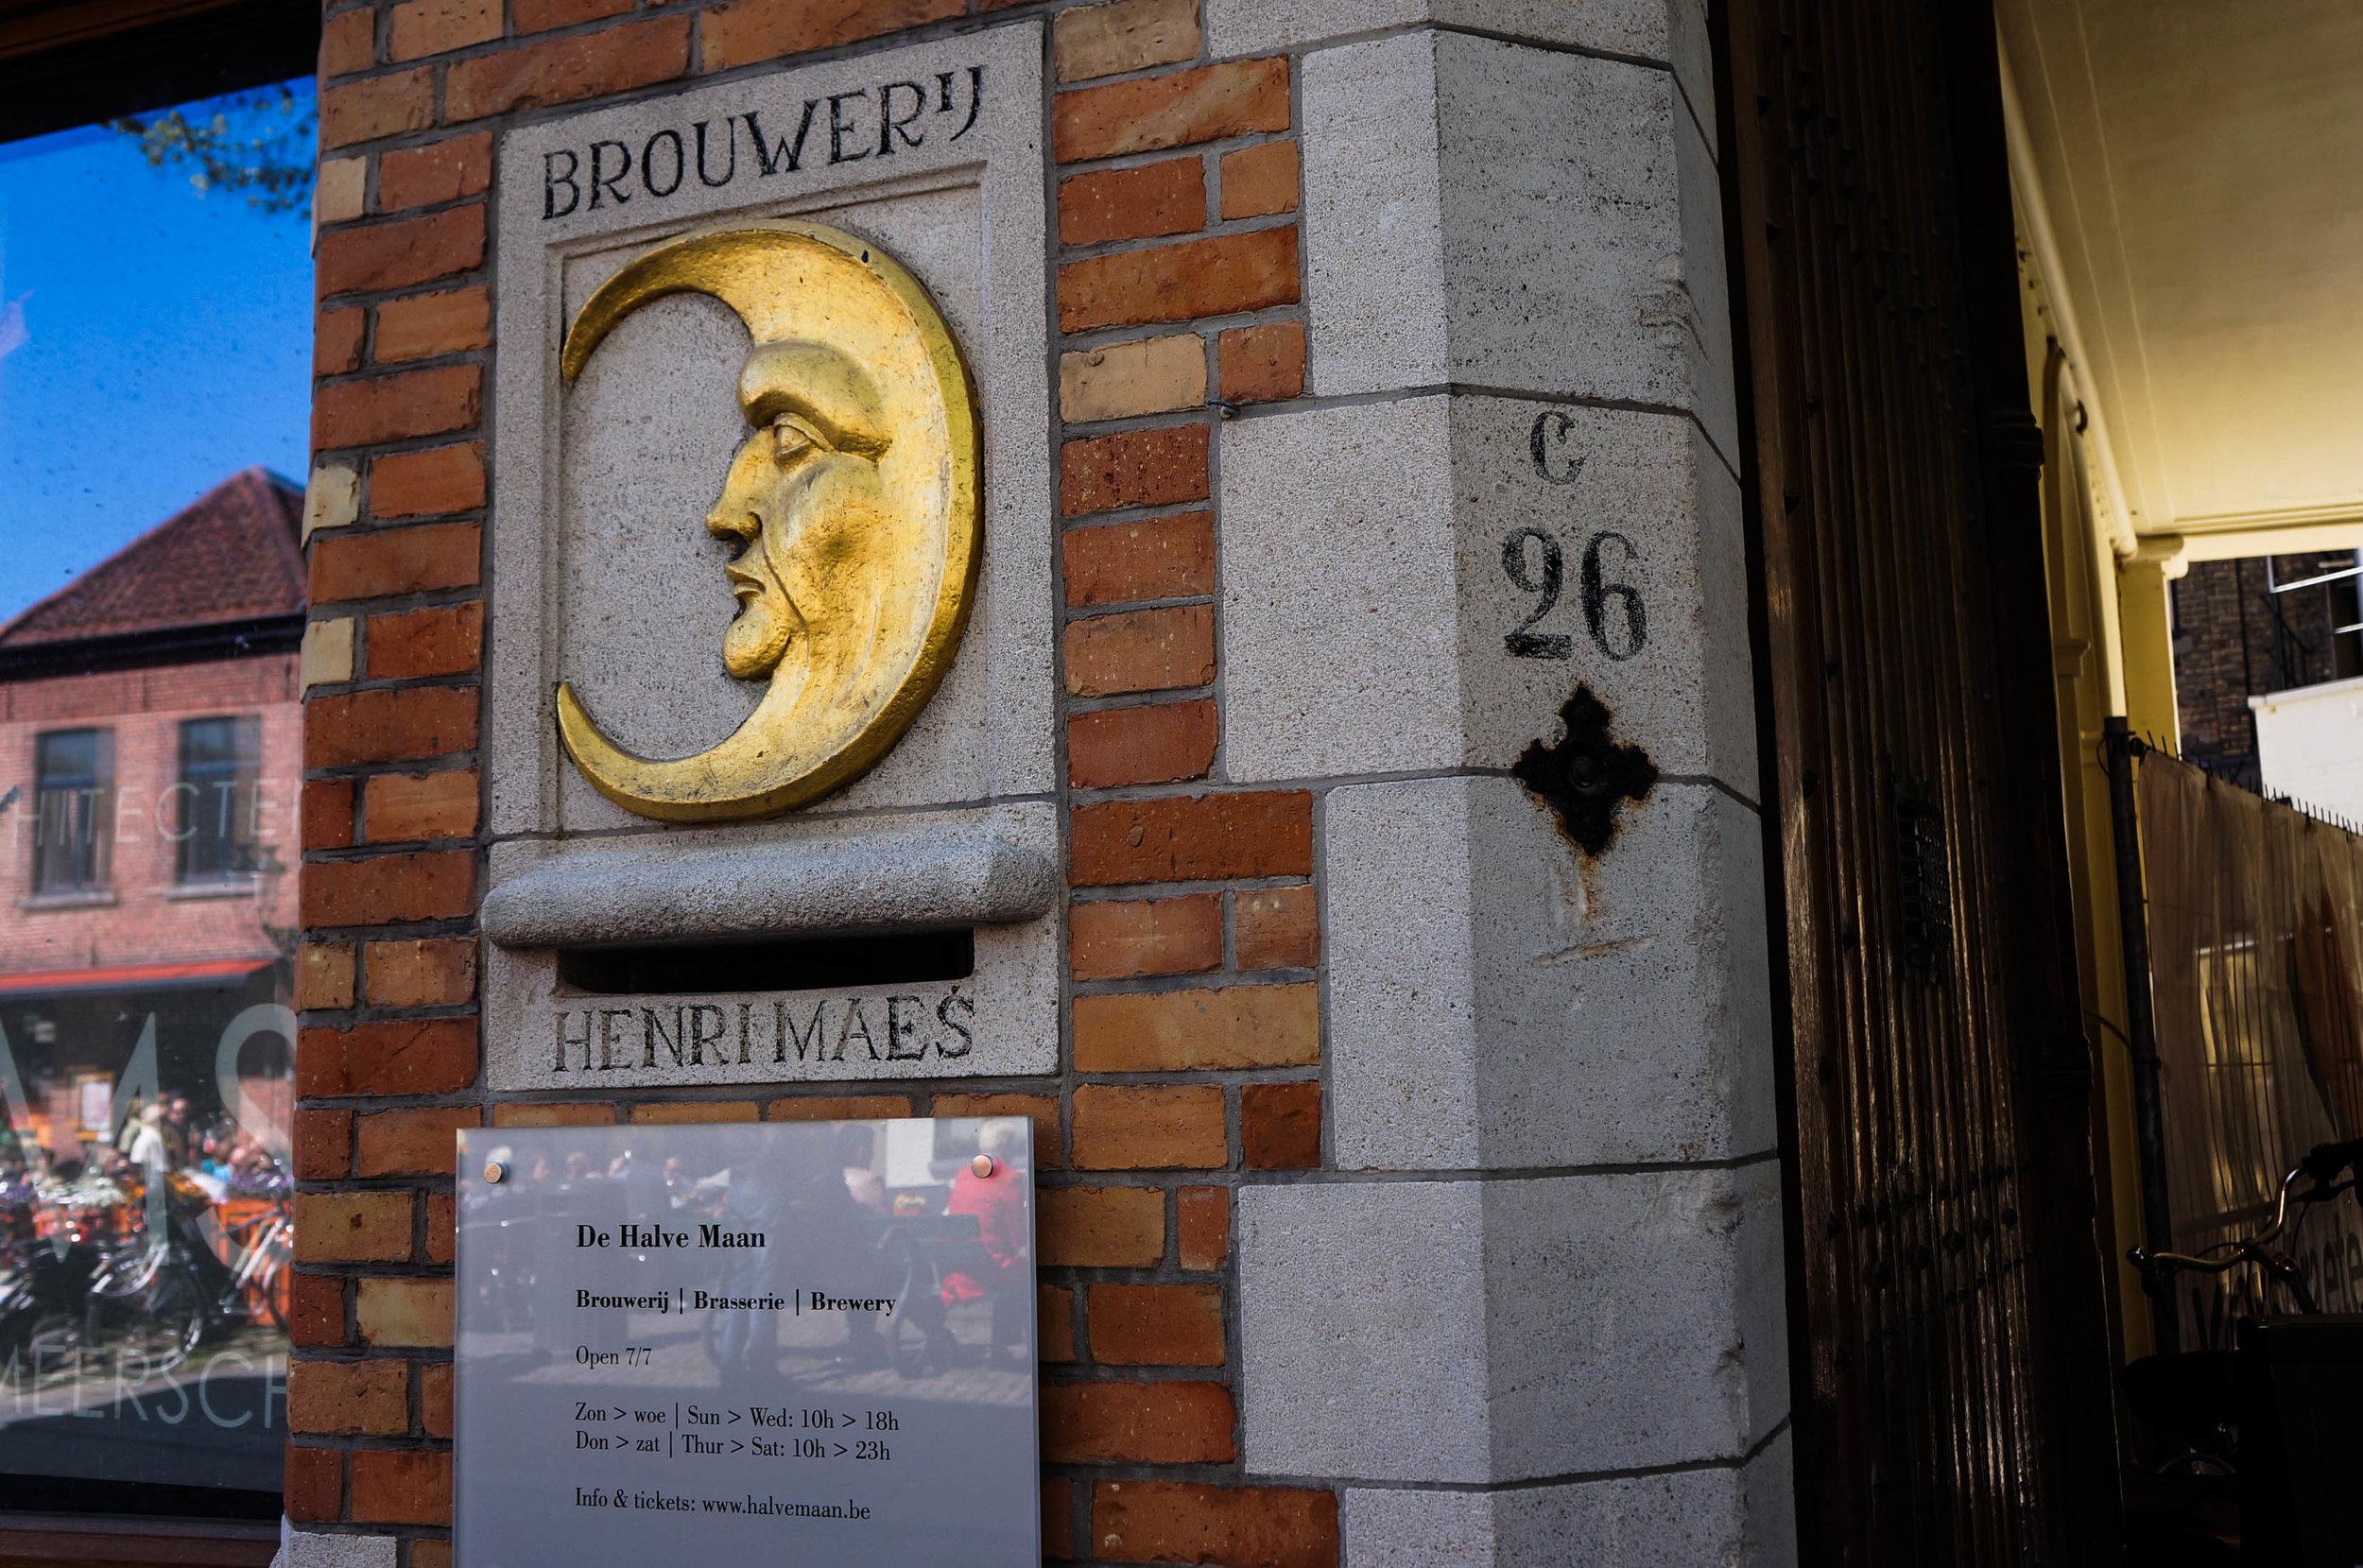 De Halve Maan Brouwery (The Half Moon Brewery): Time to get some authentic Belgian beer. :)